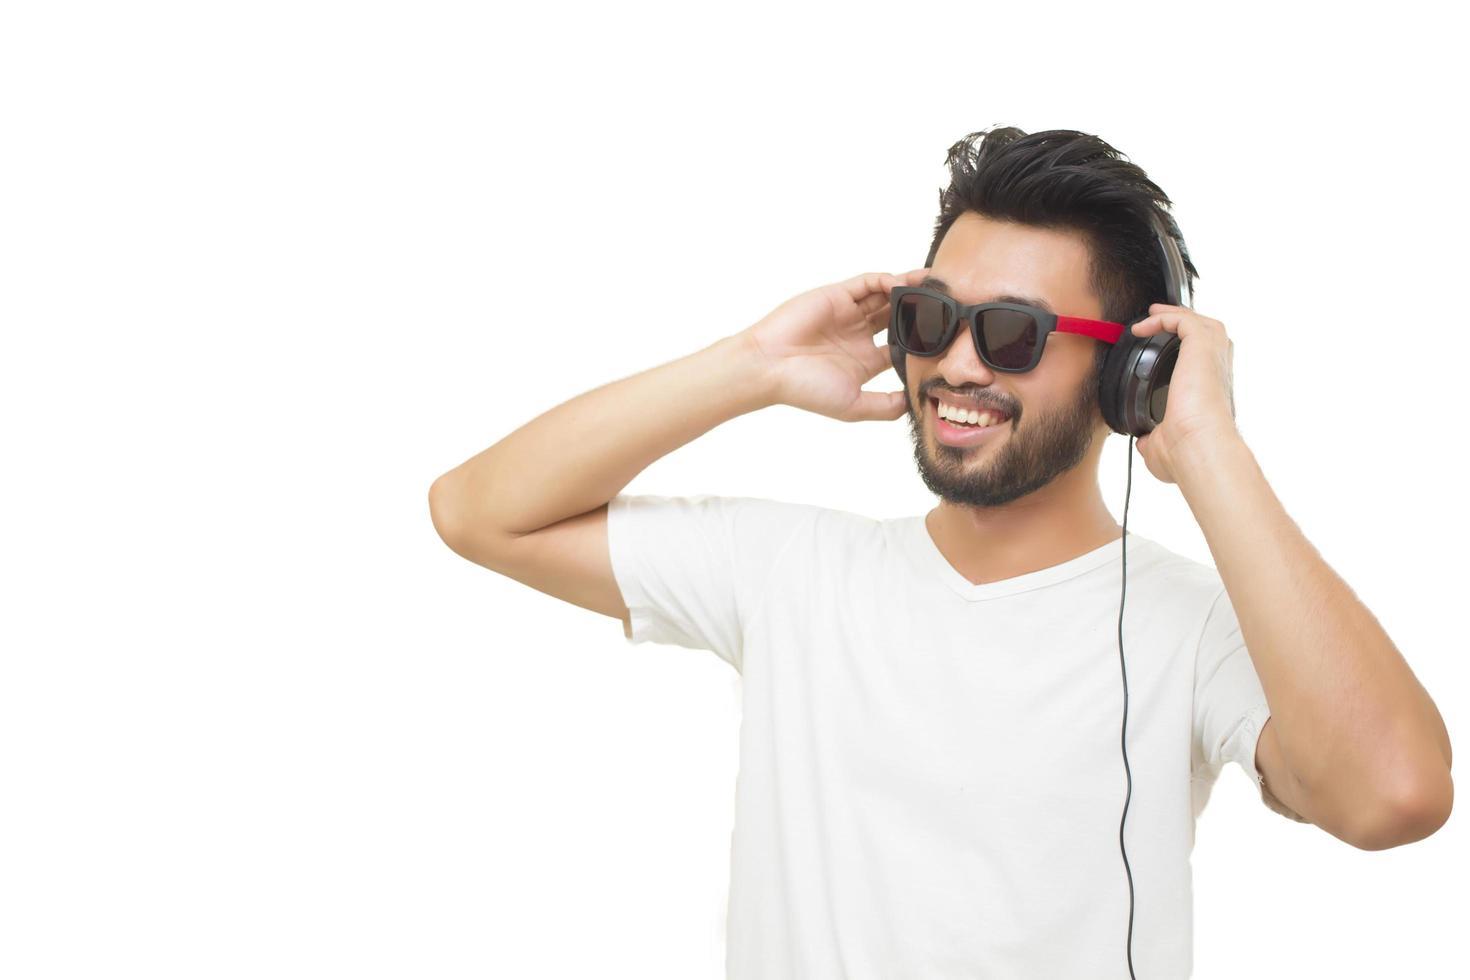 uomo asiatico che sorride e che ride ascolta la musica con le cuffie isolate su fondo bianco foto